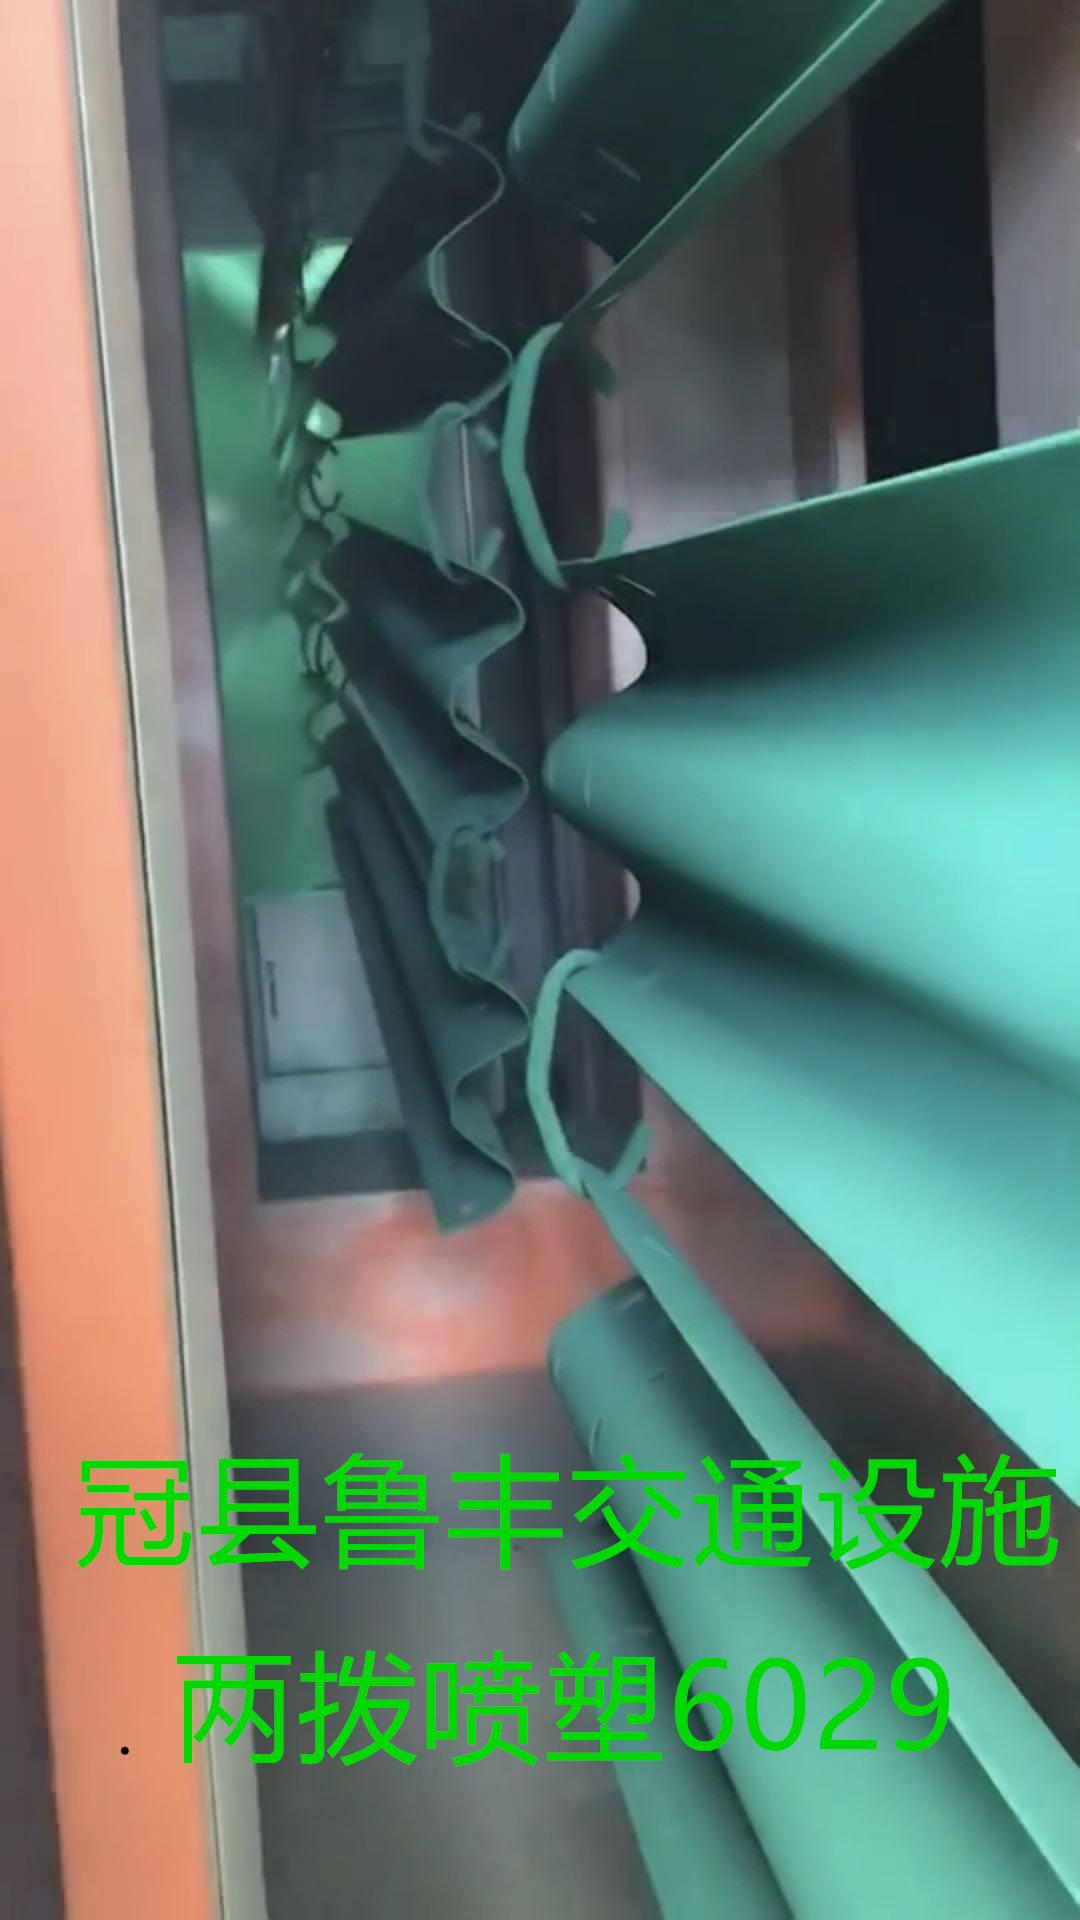 黃南藏族自治州波形梁護欄板多少錢以舊換新